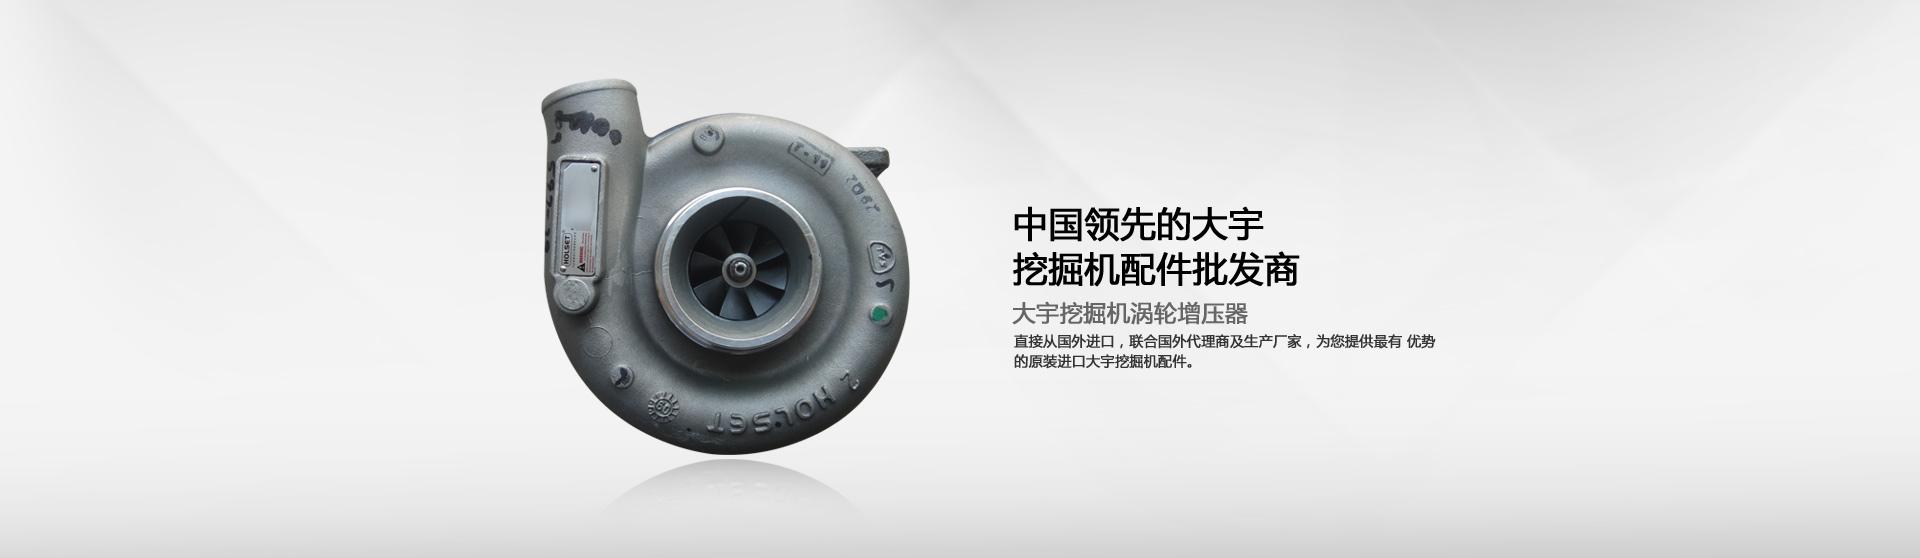 大宇挖掘机涡轮增压器